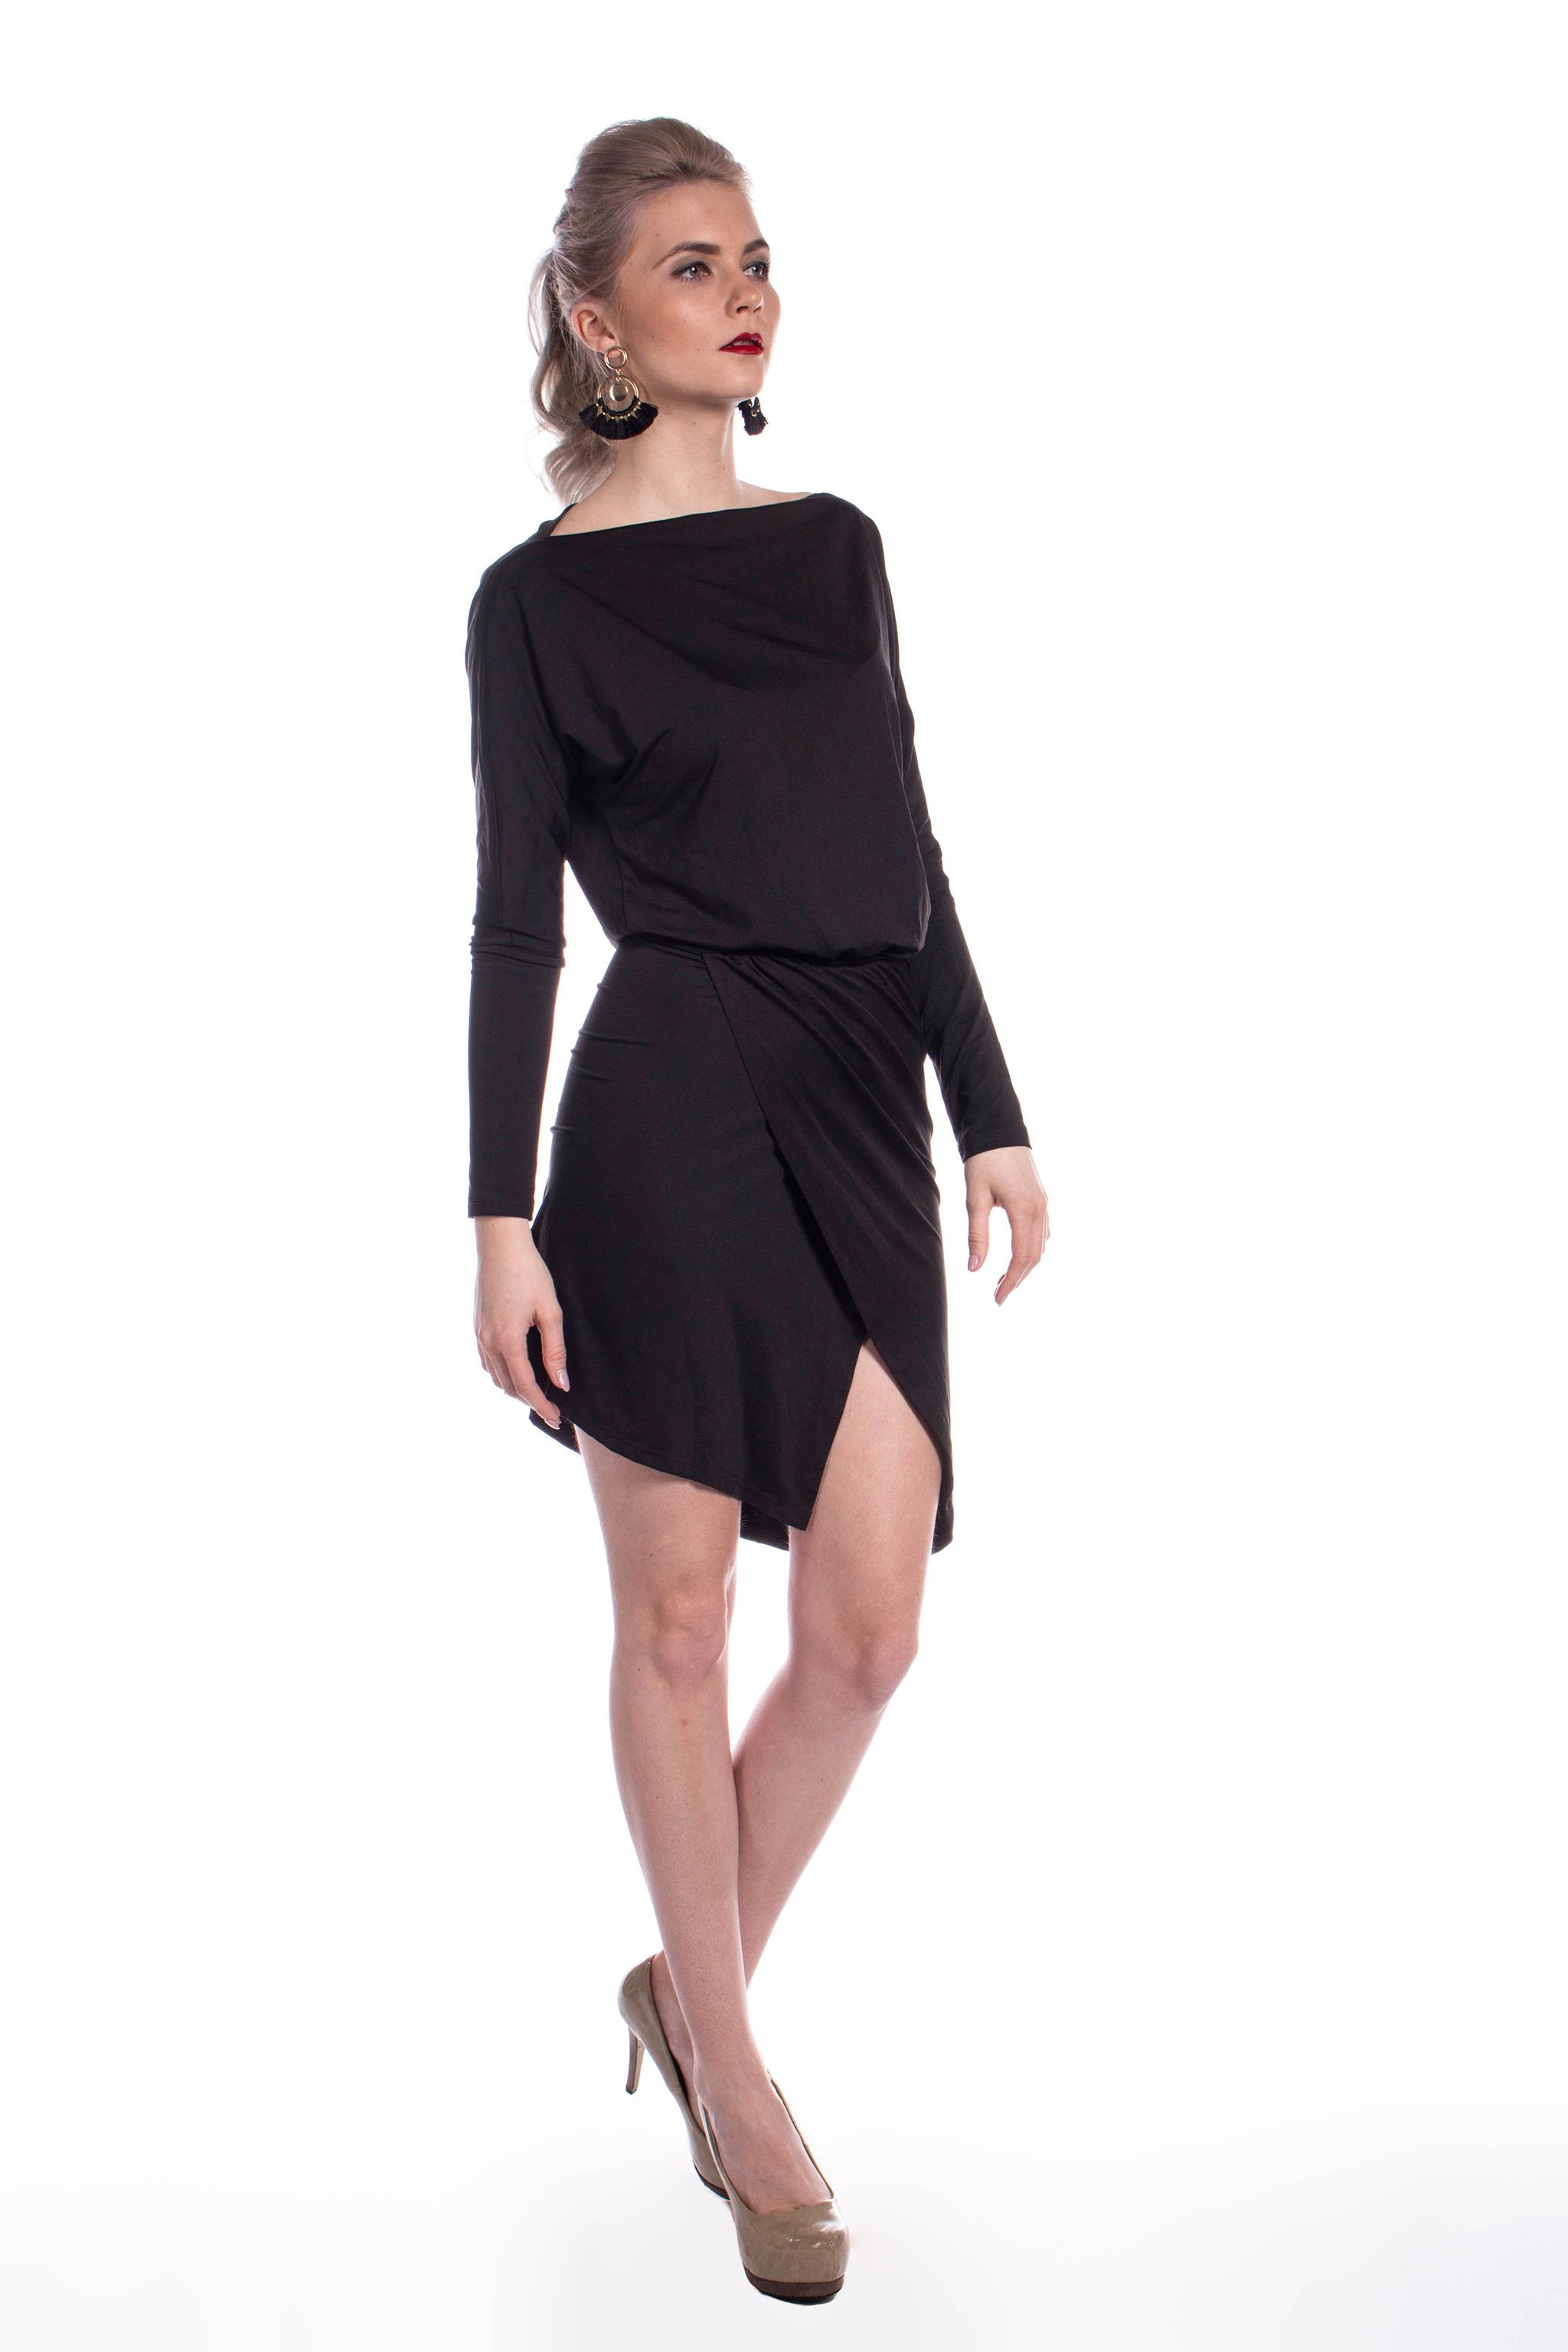 fda14331c806 obrázok 3 Missguided čierne asymetrické šaty - Shaty